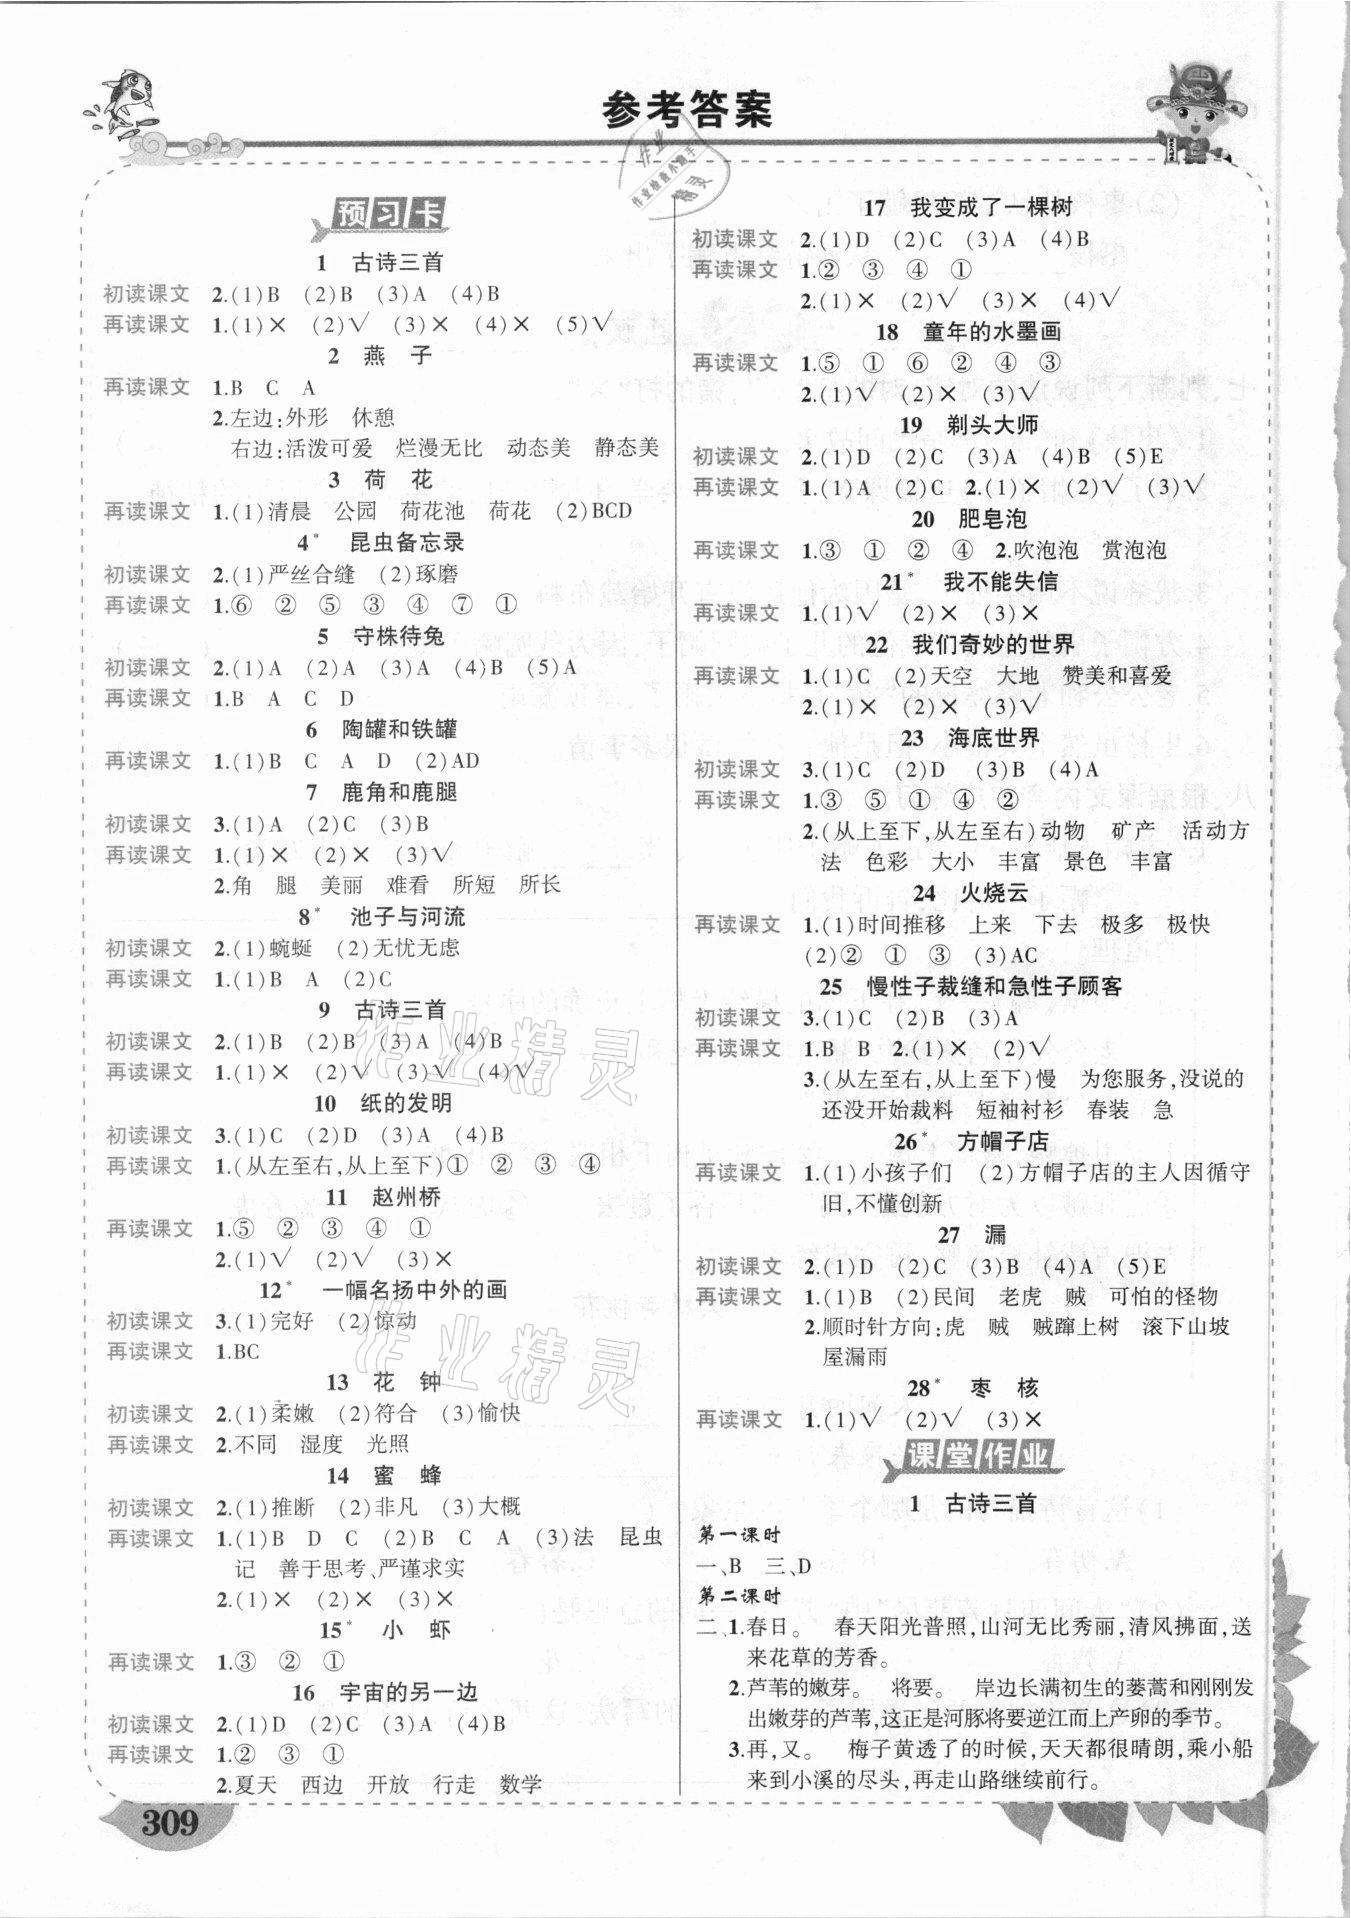 2021年黄冈状元成才路状元大课堂三年级语文下册人教版云南专版参考答案第1页